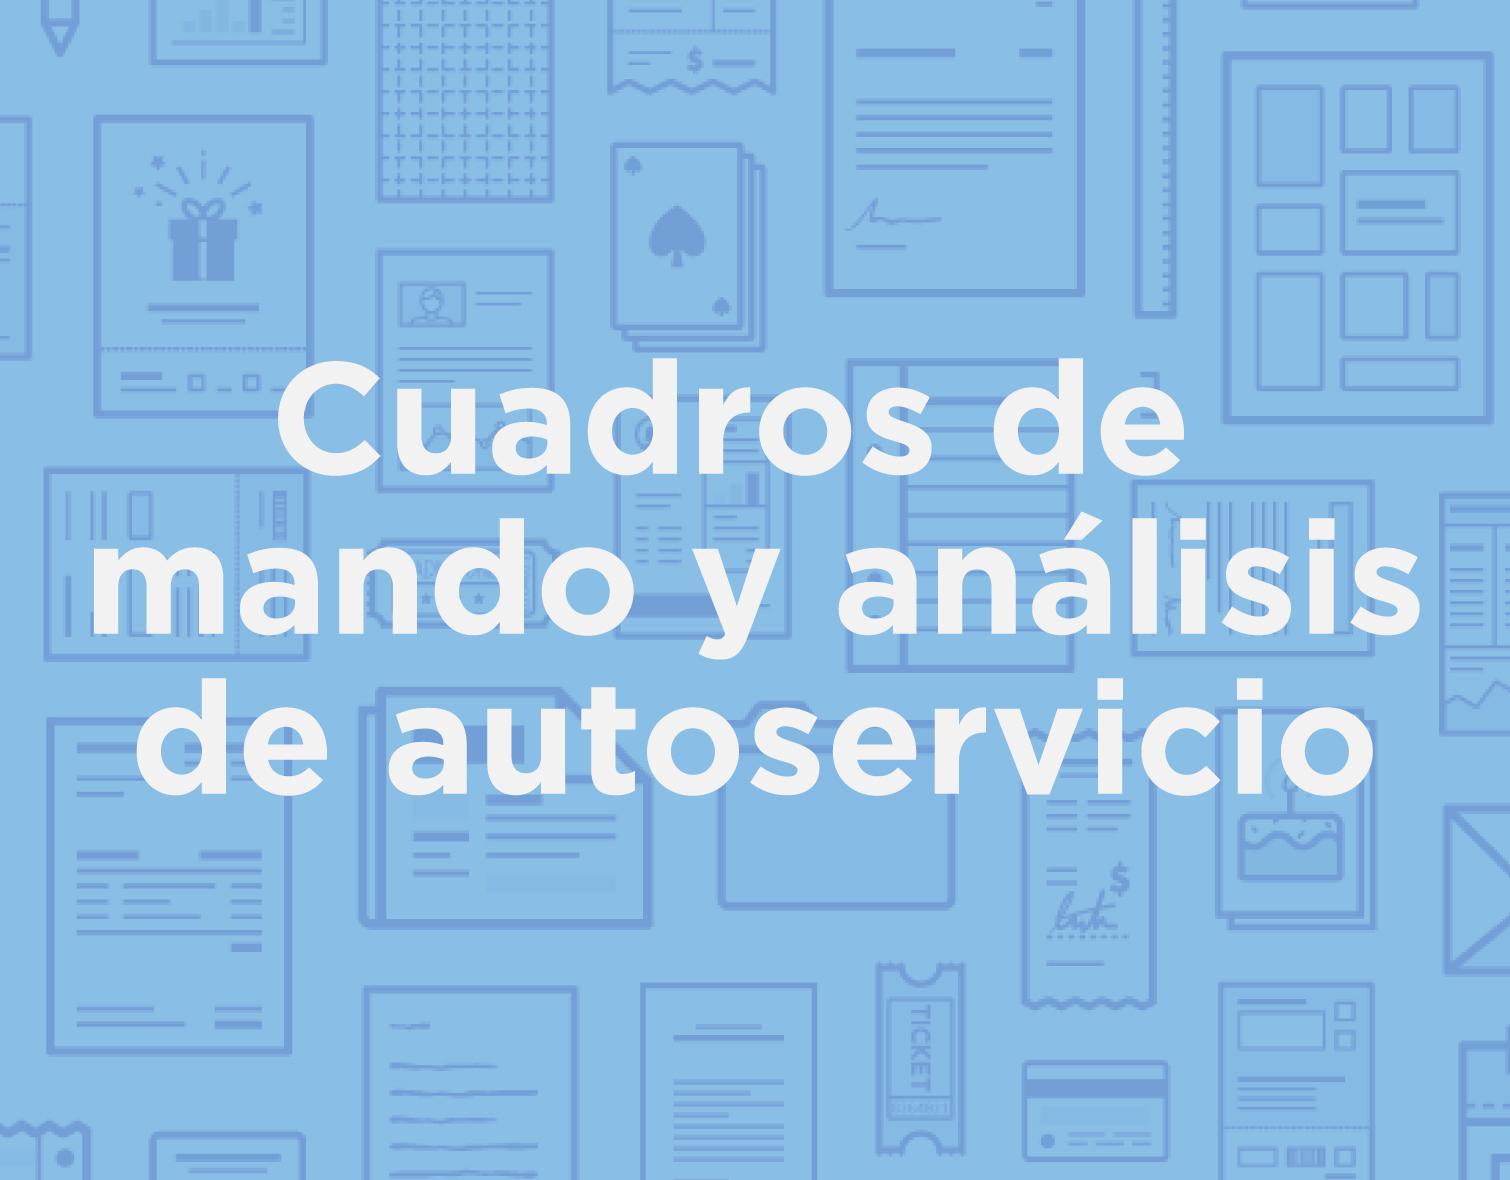 icon_products_spa_Cuadros-de-mando_selected.jpg